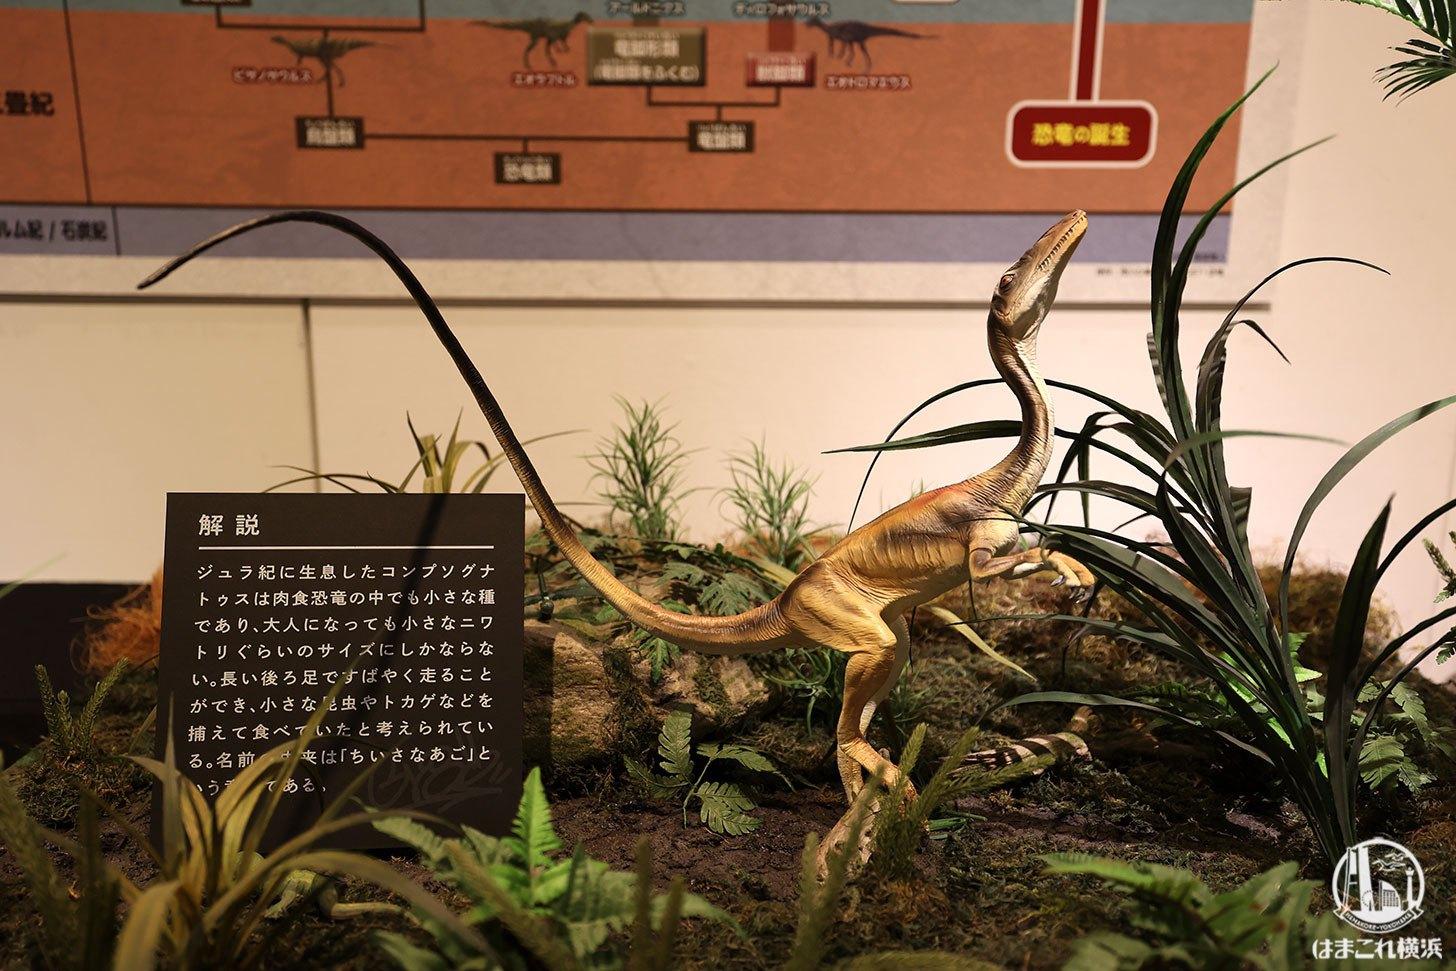 恐竜から鳥へ進化した展示